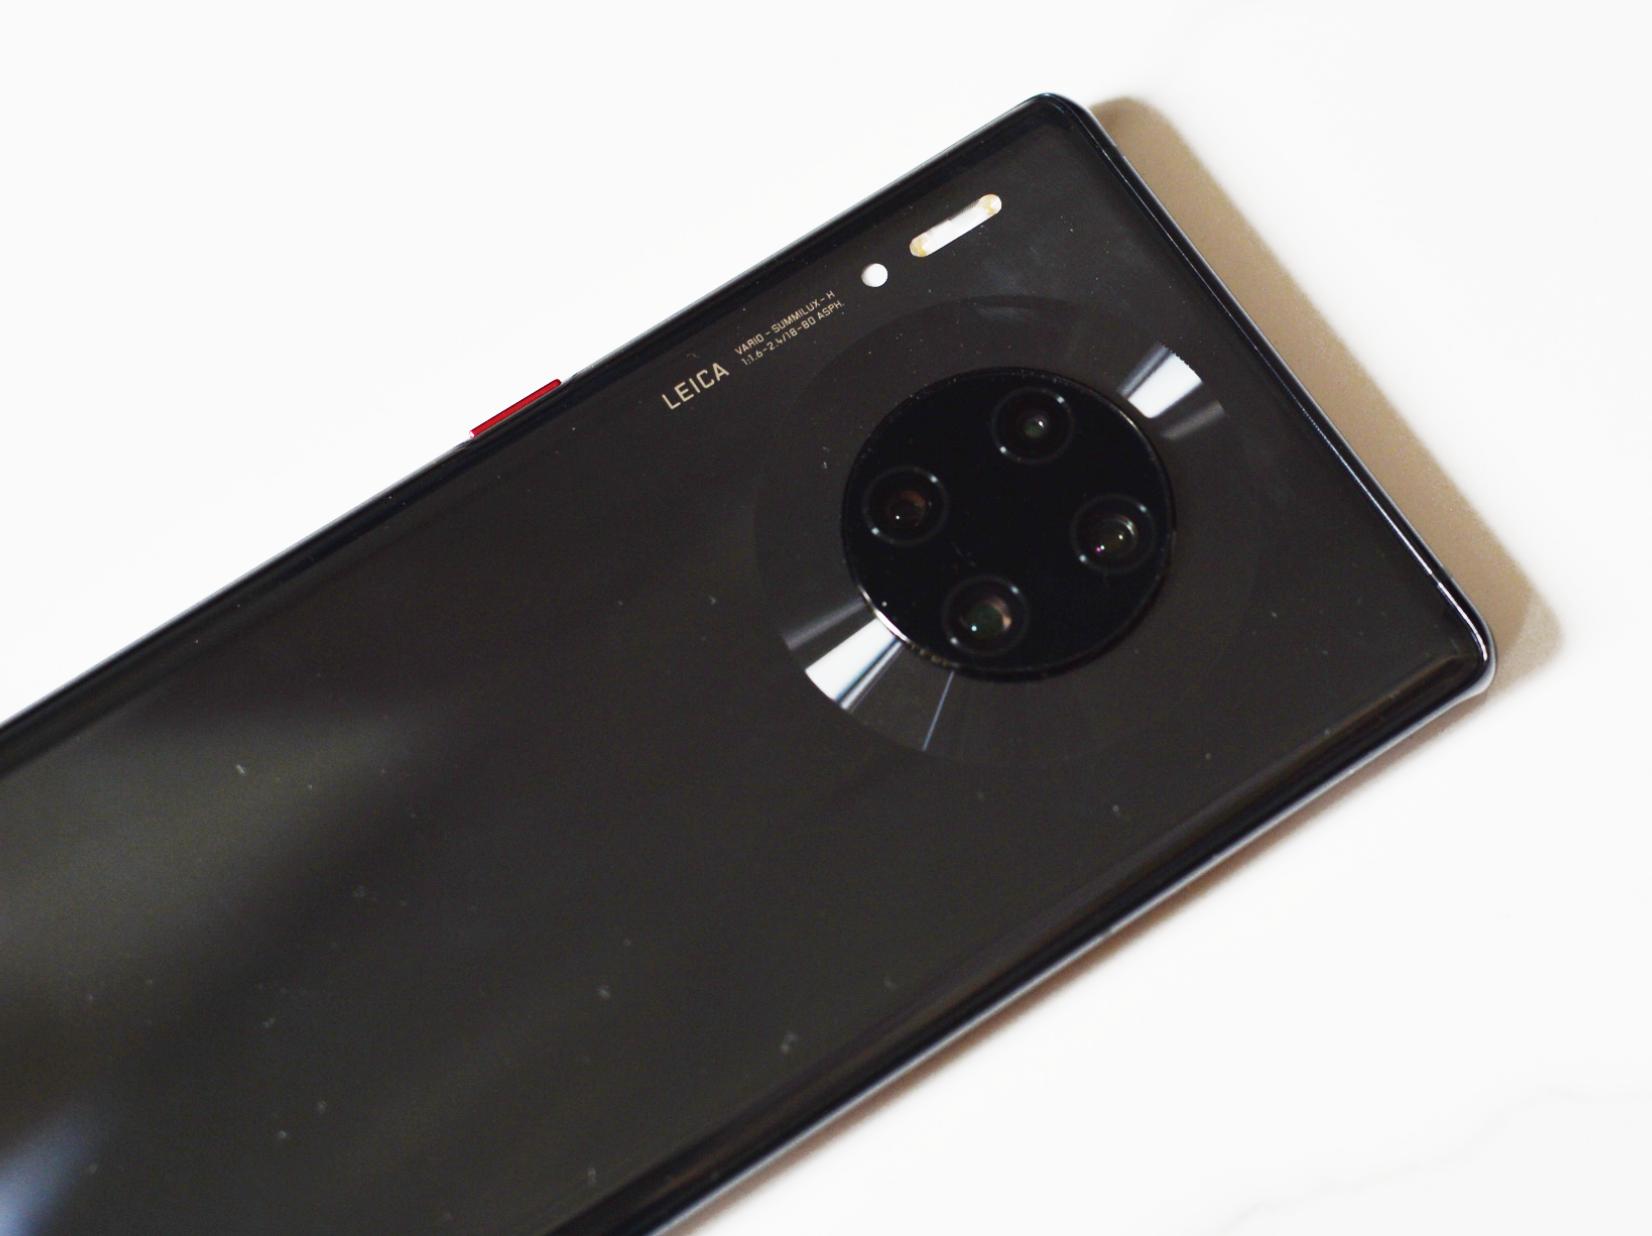 华为Mate30 Pro图赏:超曲面环幕屏,搭载麒麟990芯片的照片 - 6